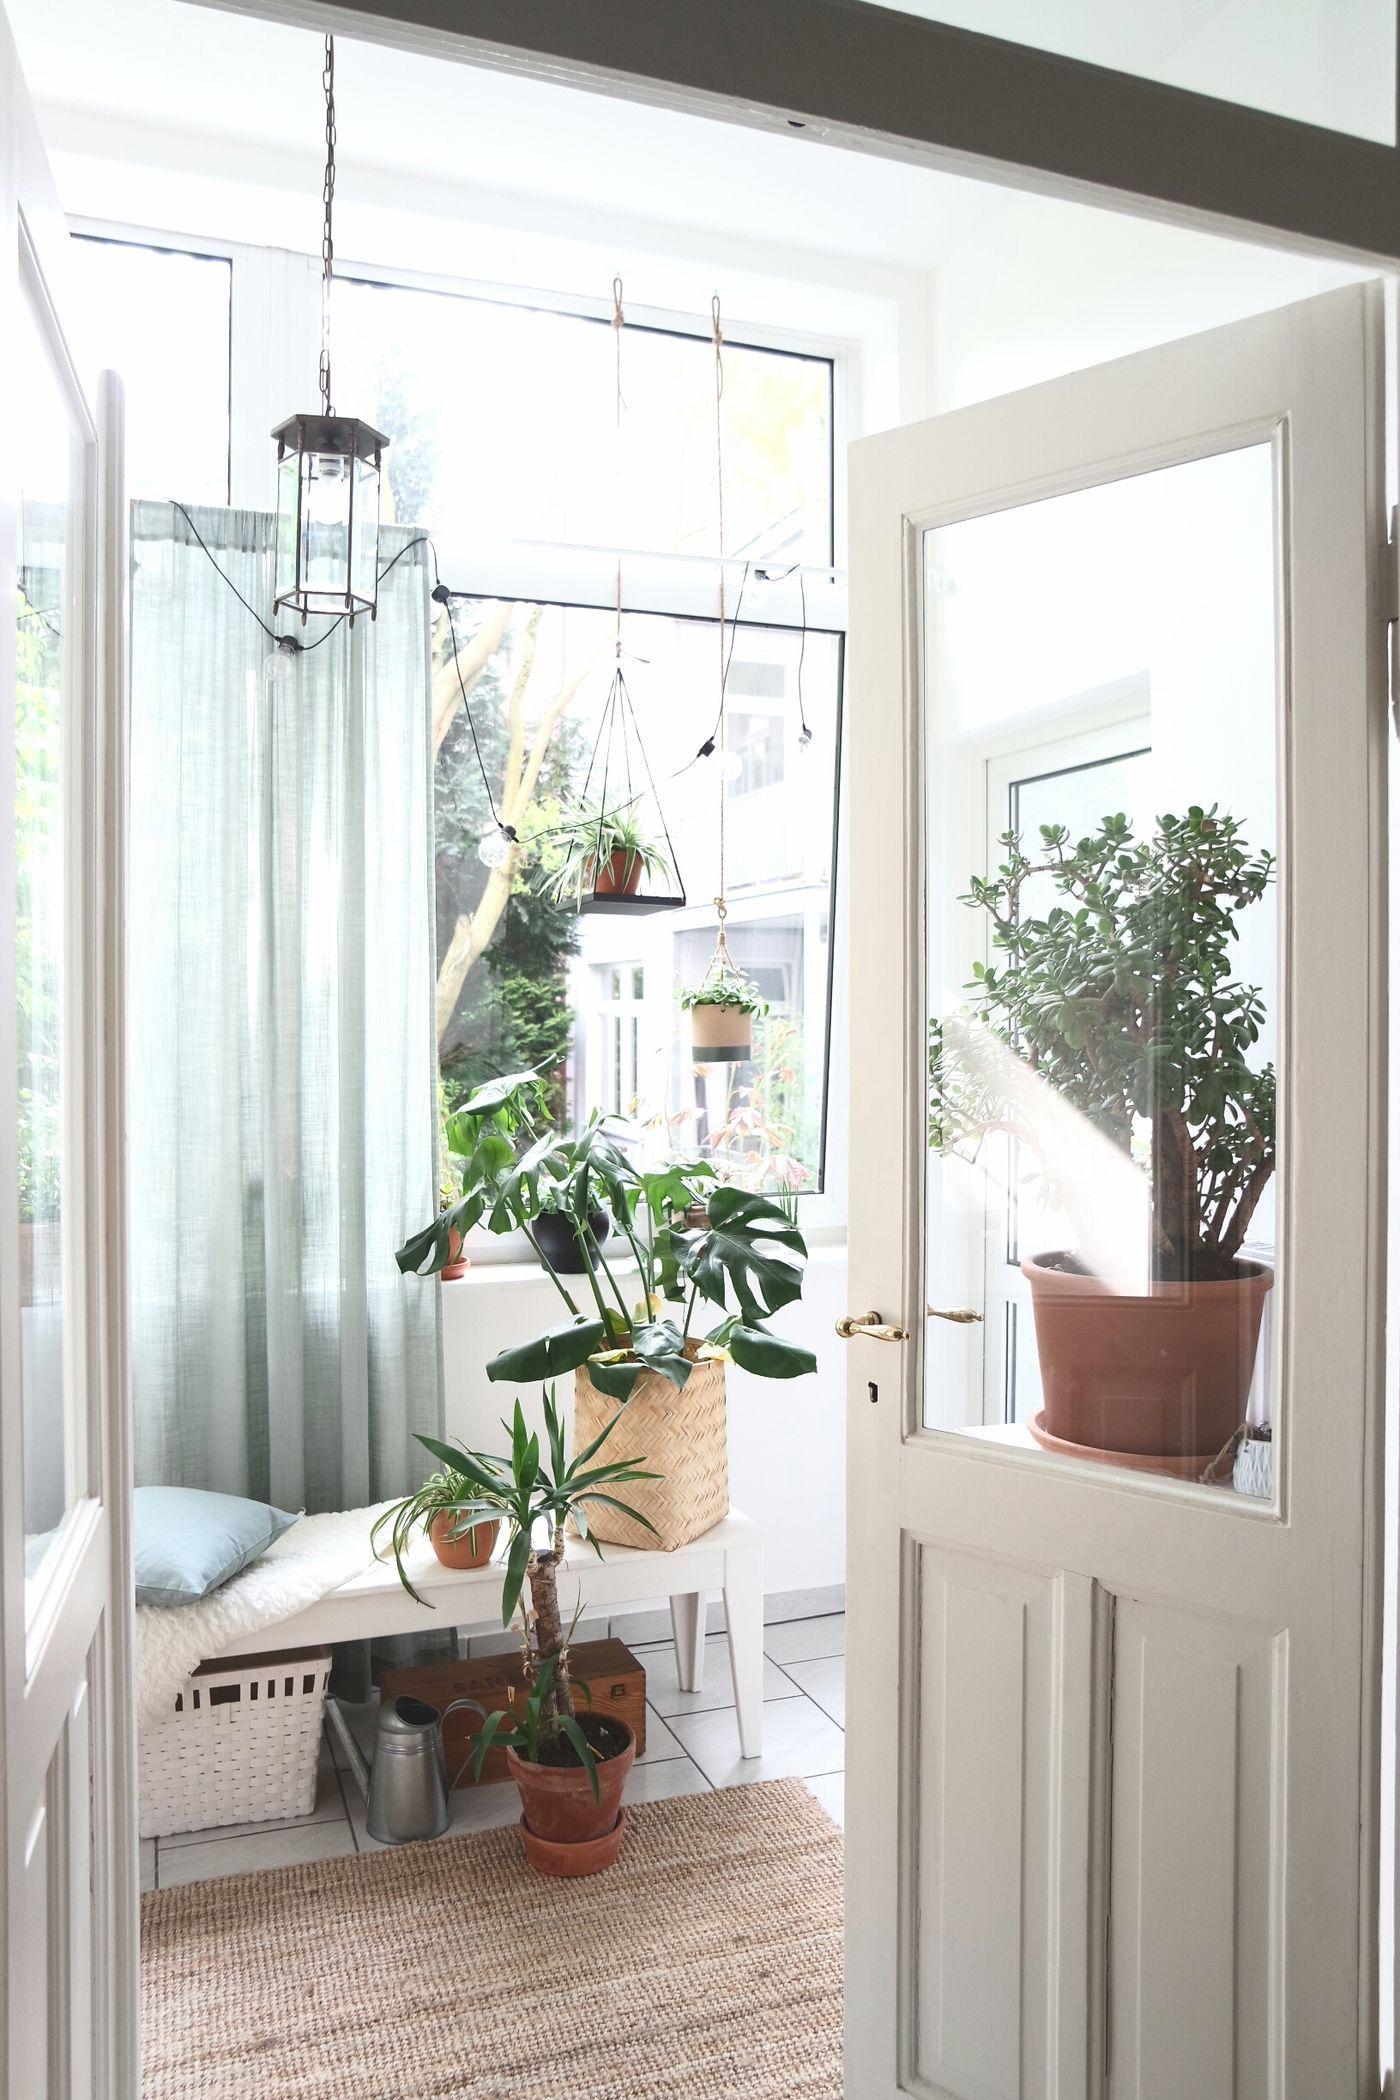 Full Size of Wohnzimmer Dekoration Wanddeko Küche Deko Für Badezimmer Schlafzimmer Wohnzimmer Deko Fensterbank